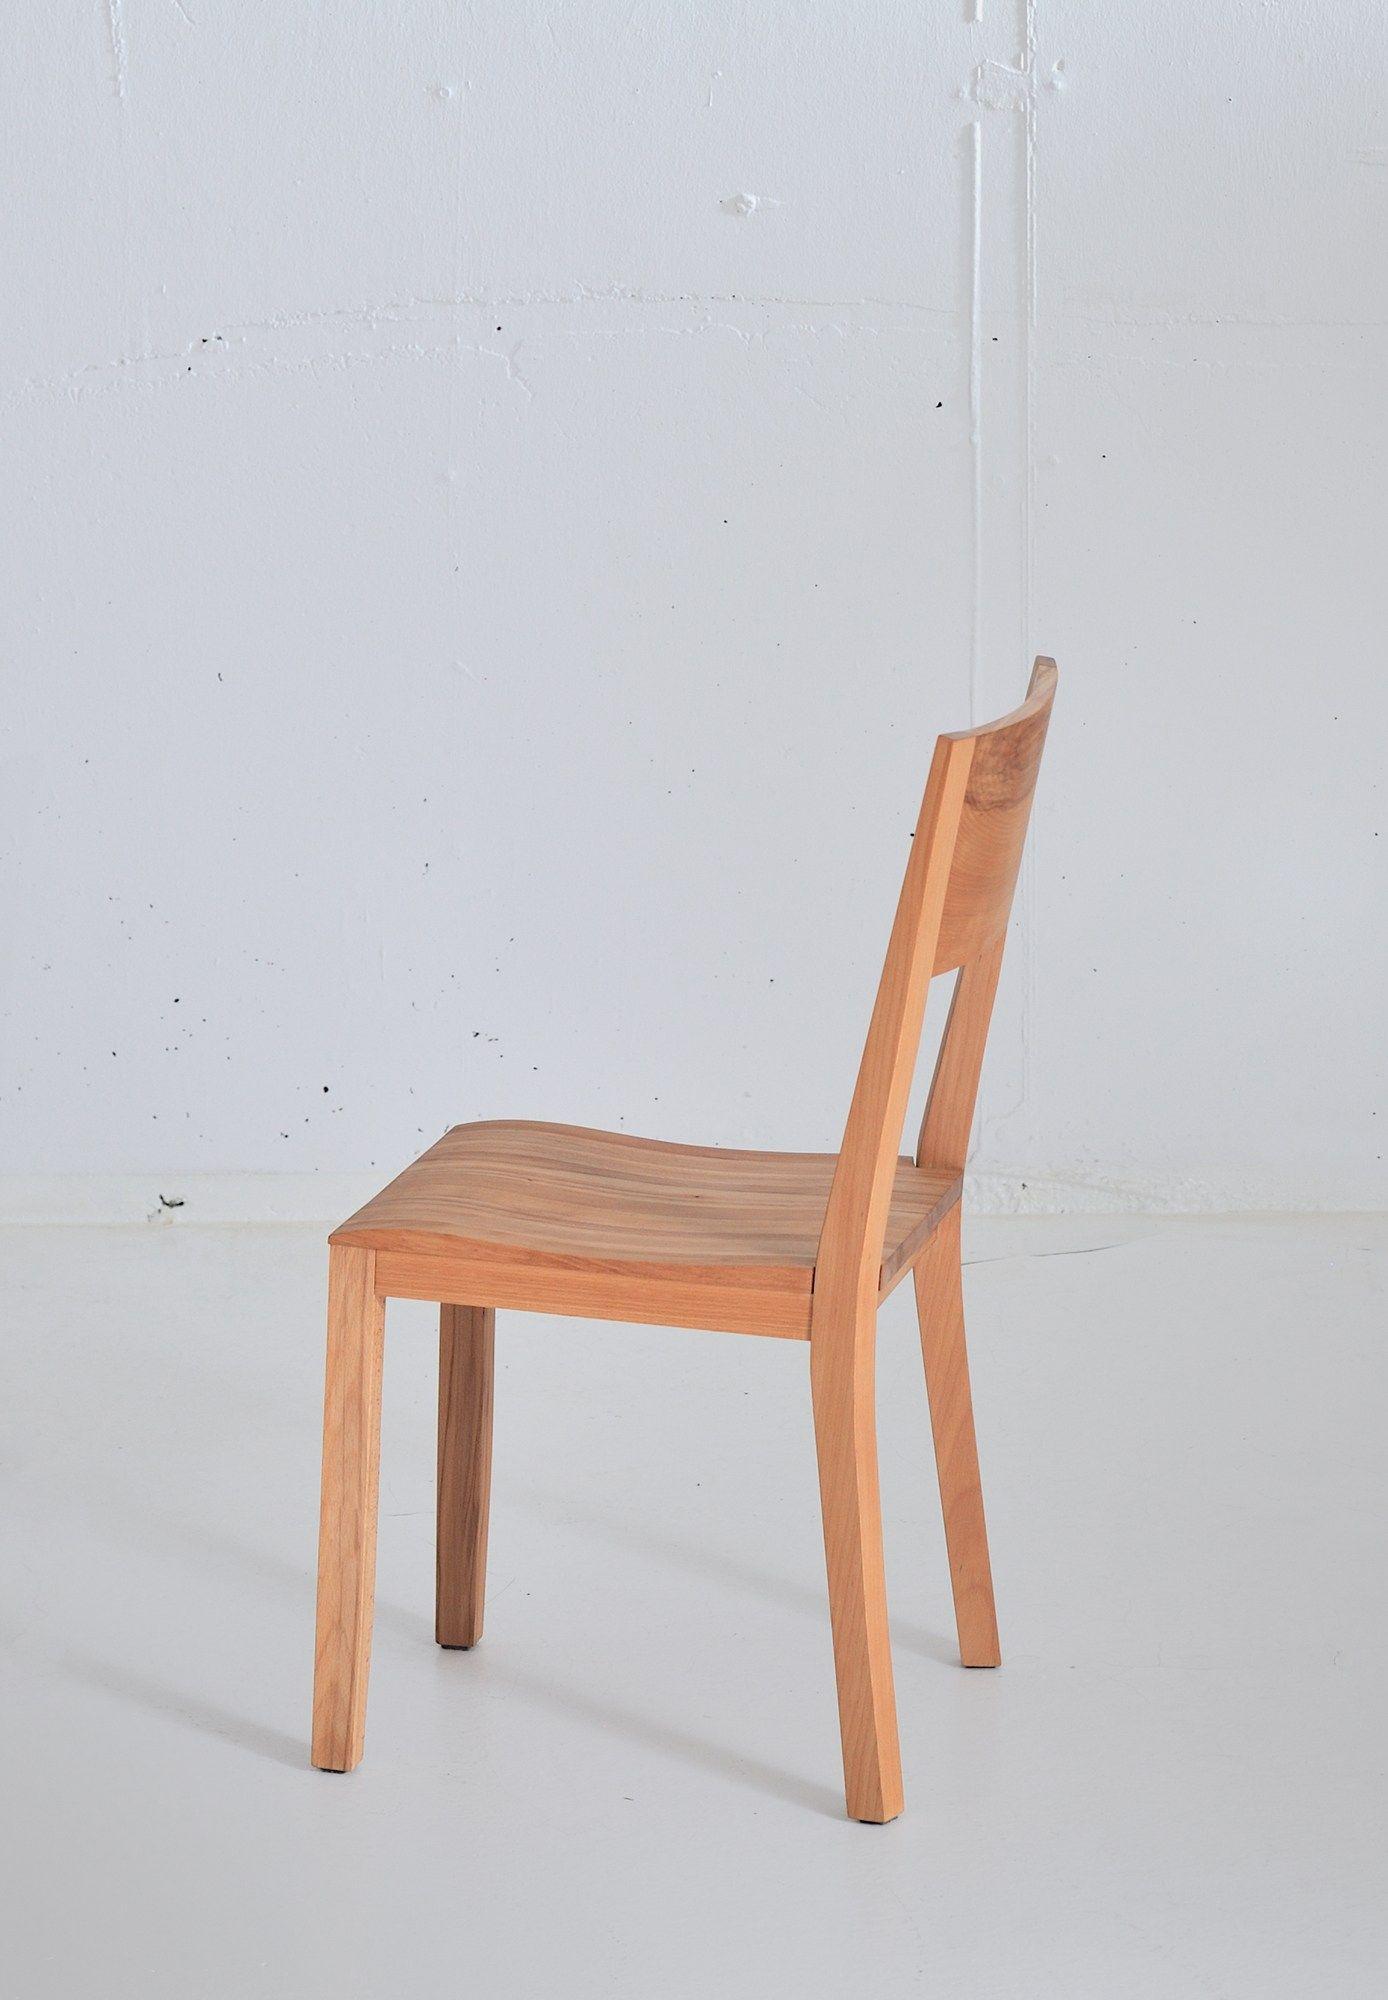 Sedia in legno massello nomi by vitamin design design gg for Vitamin design stuhl nomi